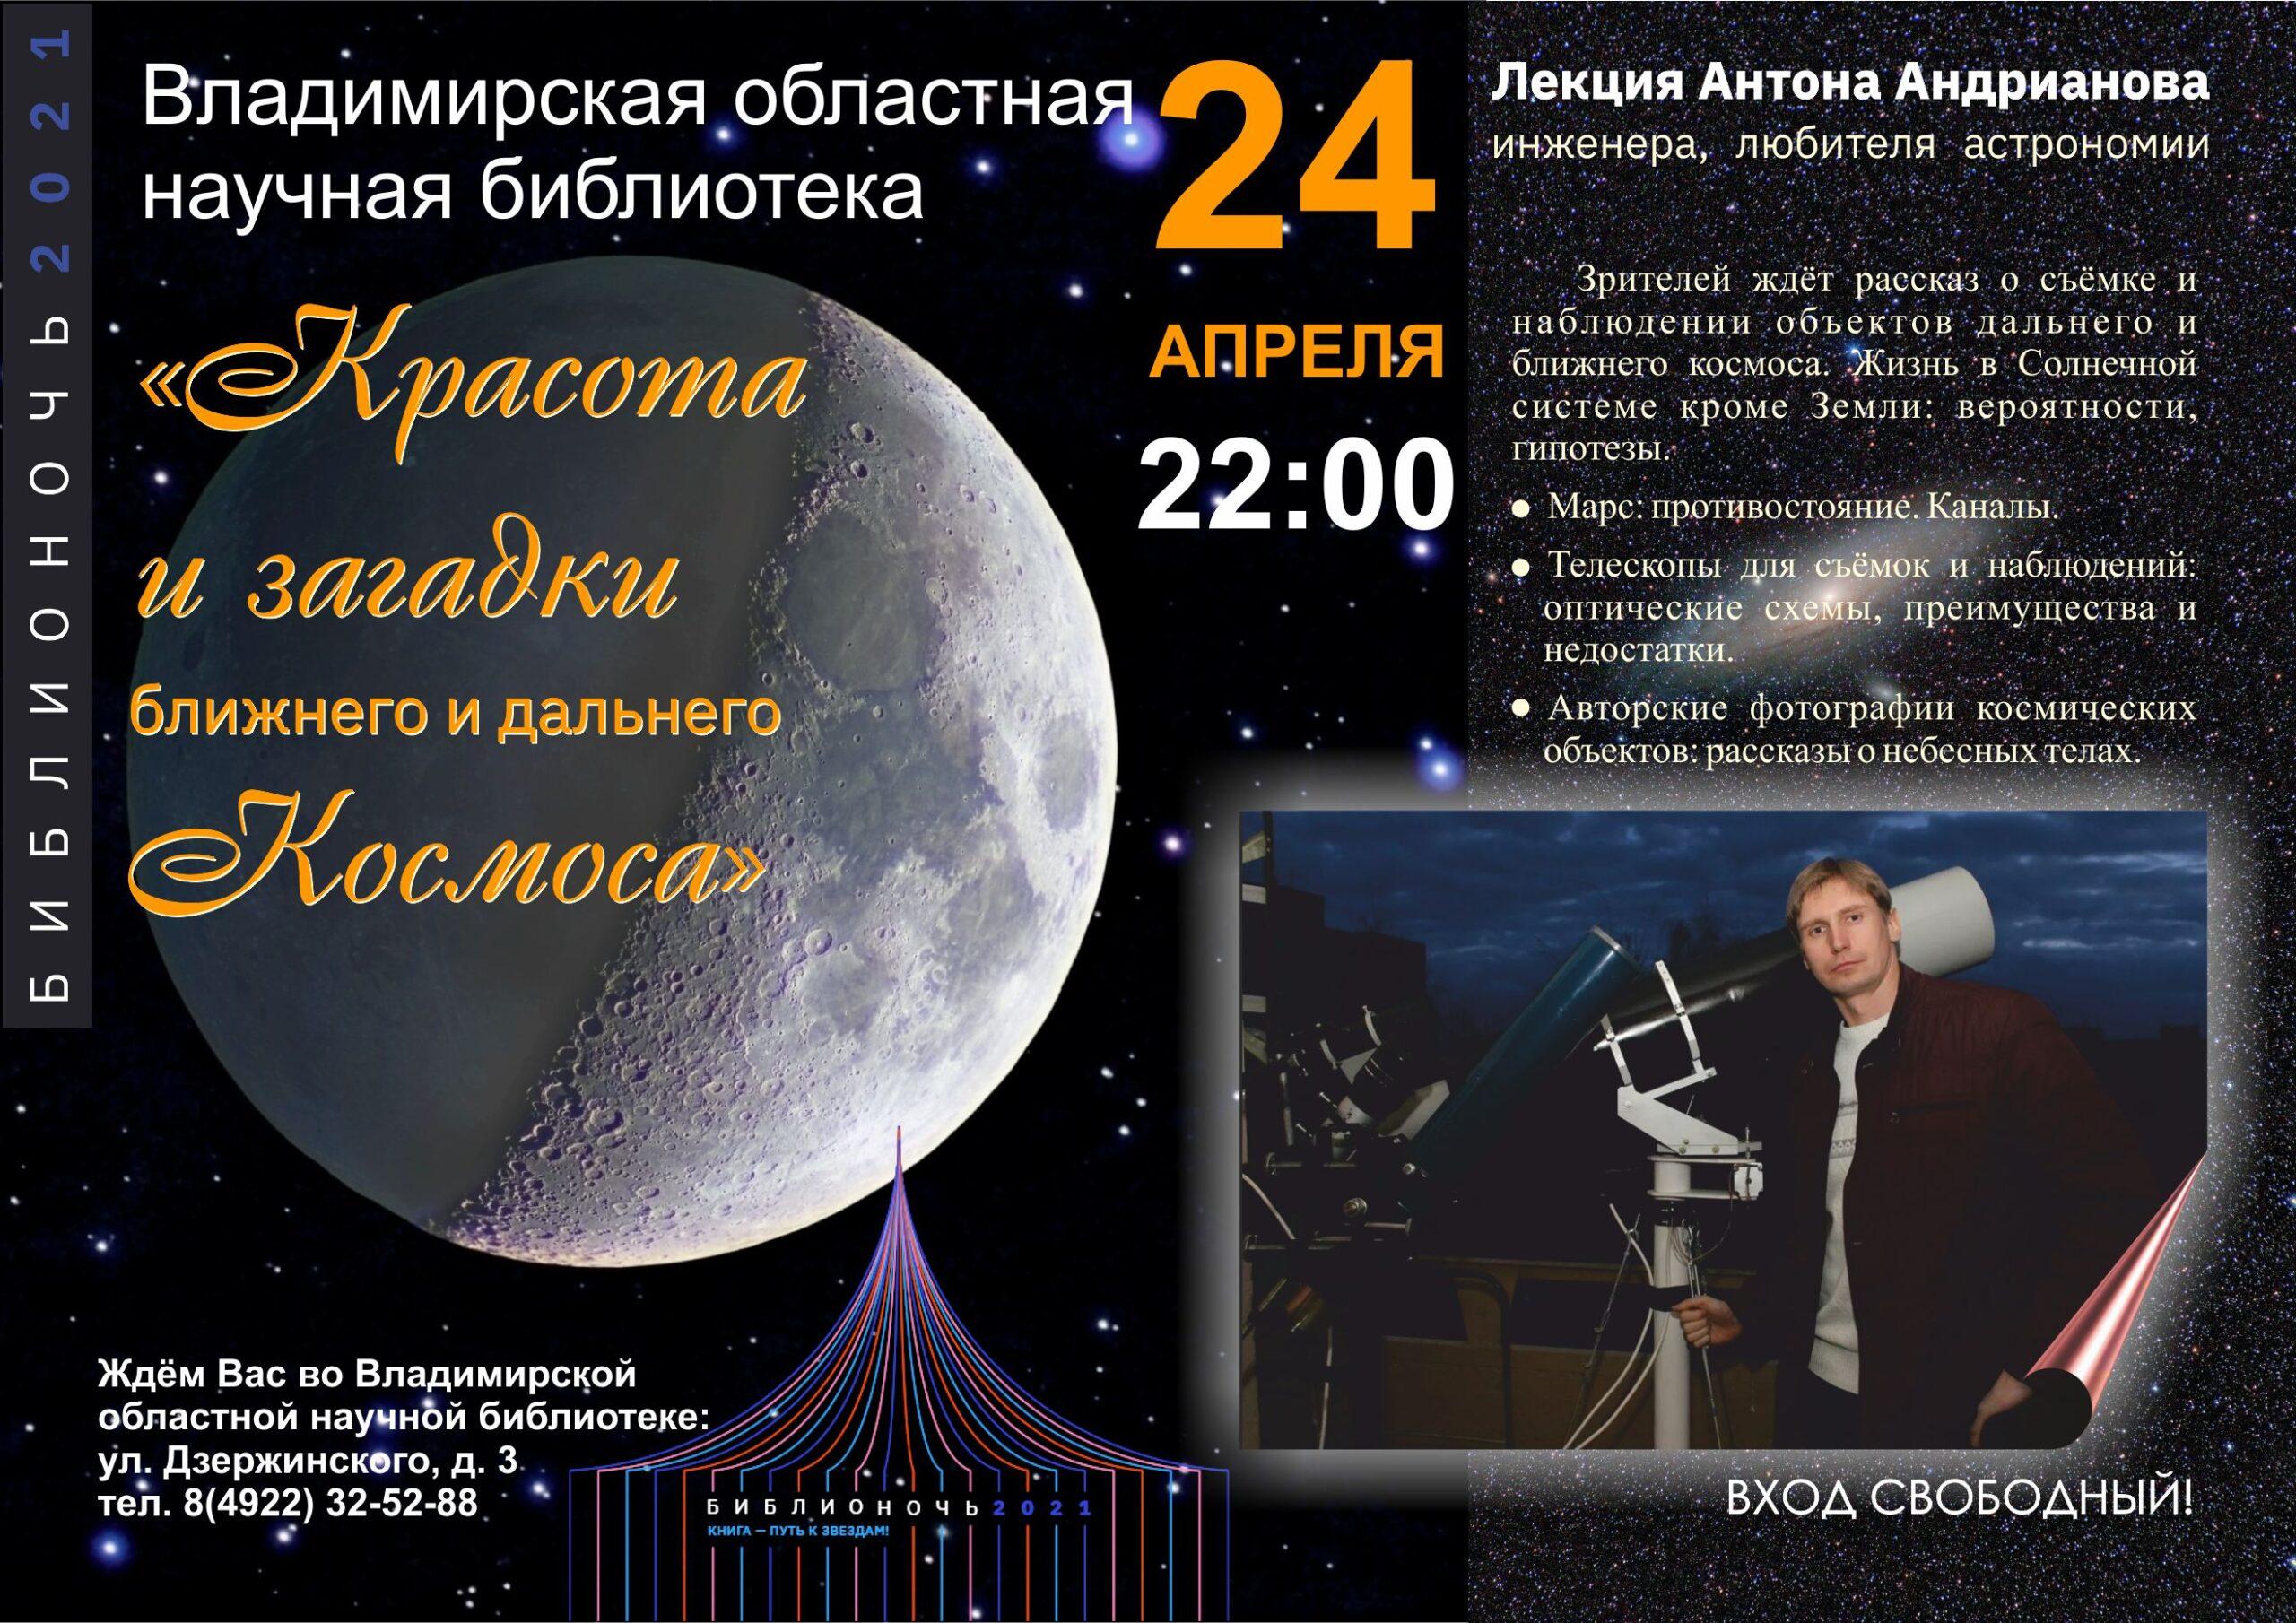 Антон Андрианов лекция о космосе Афиша